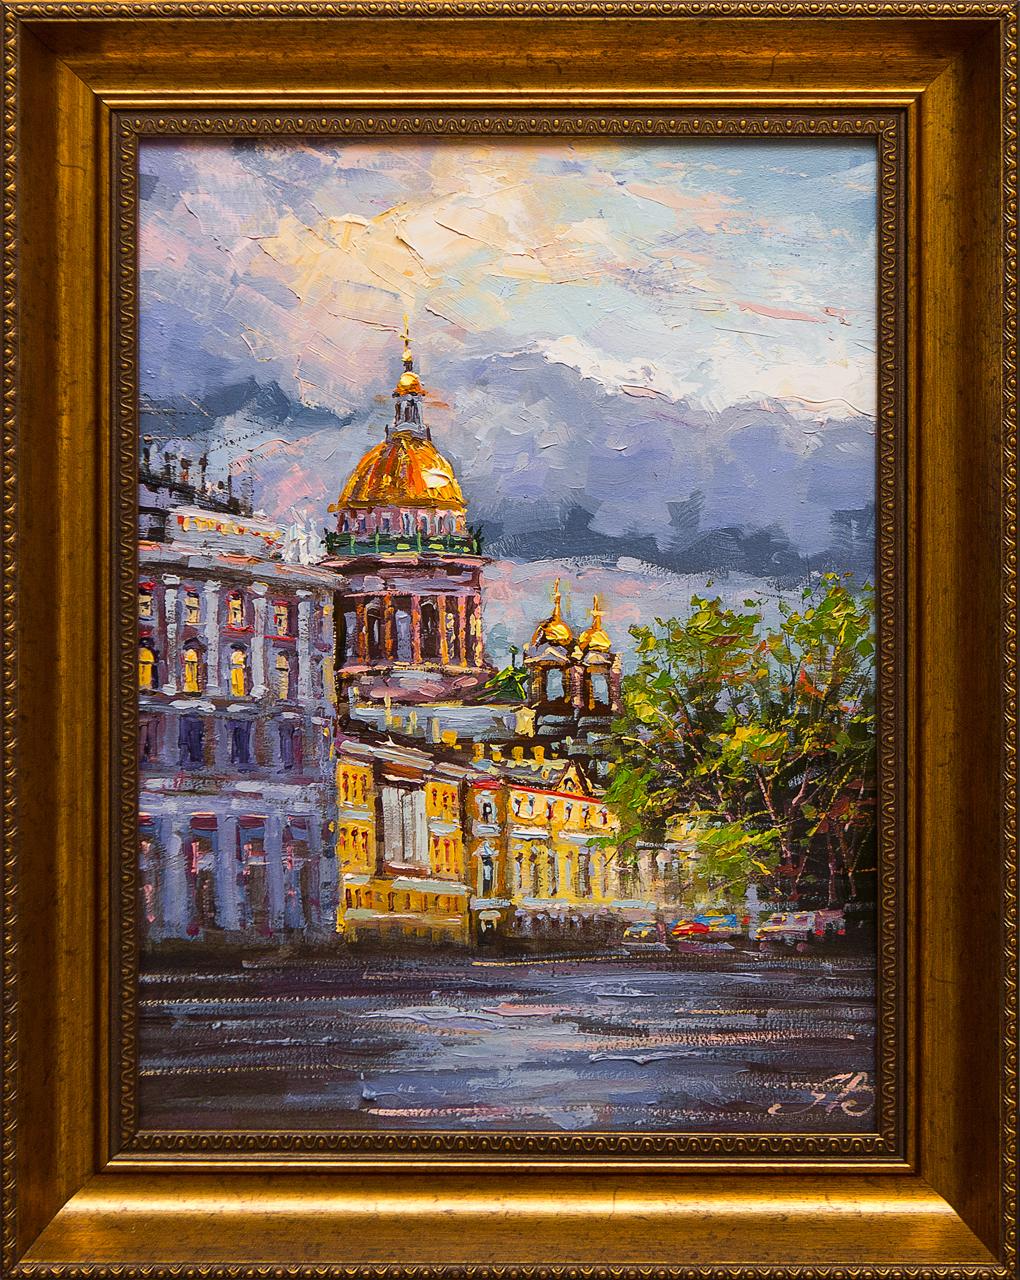 Картина маслом Белые ночи Янченко картина маслом вид с университетской набережной белые ночи воробьев